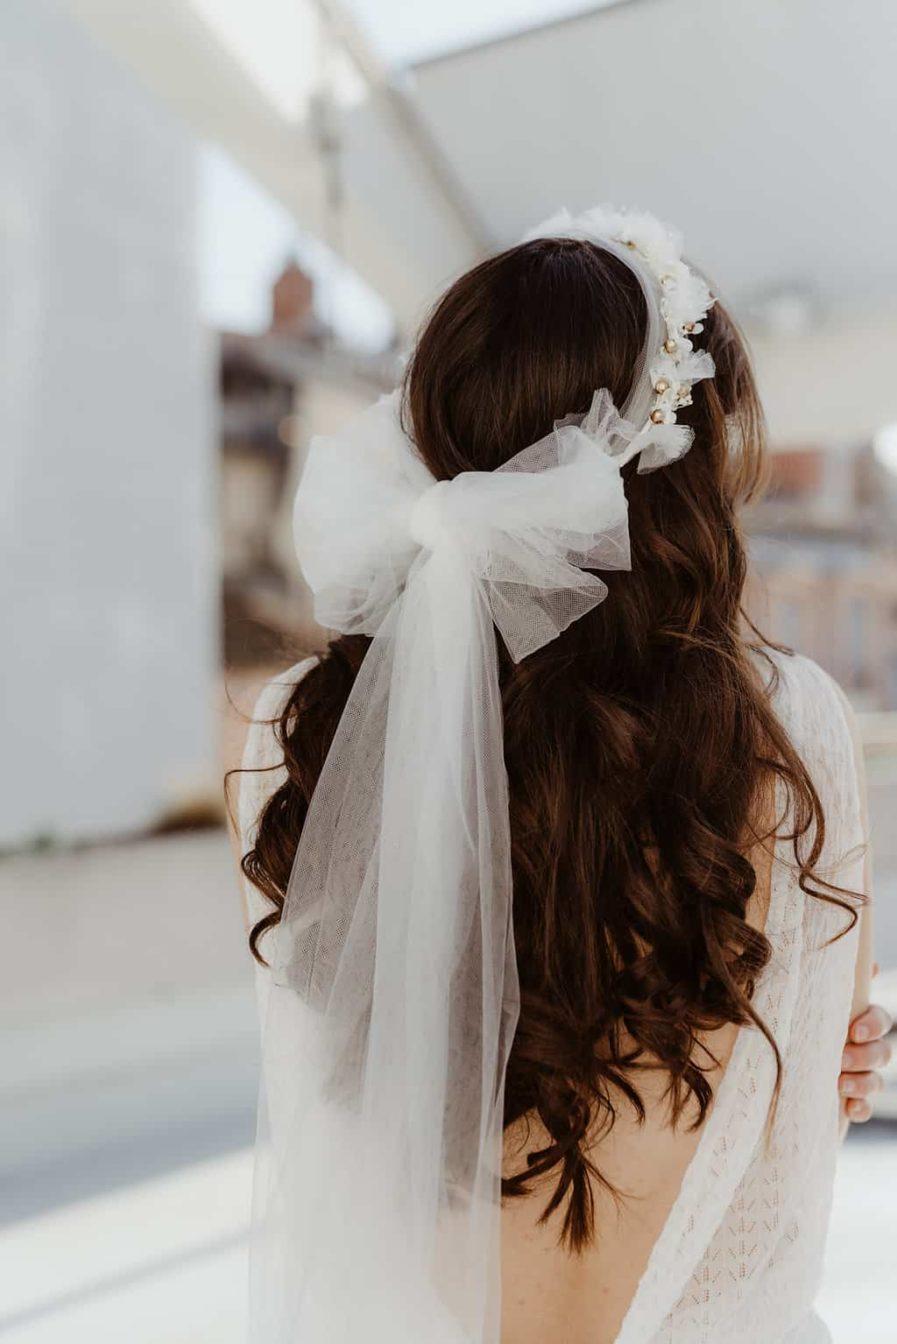 Photographie Anaïs Nannini - Couronne de fleurs voile Etta - Collaboration entre l'Amoureuse by Ingrid Fey et les Fleurs Dupont - Collection 2018